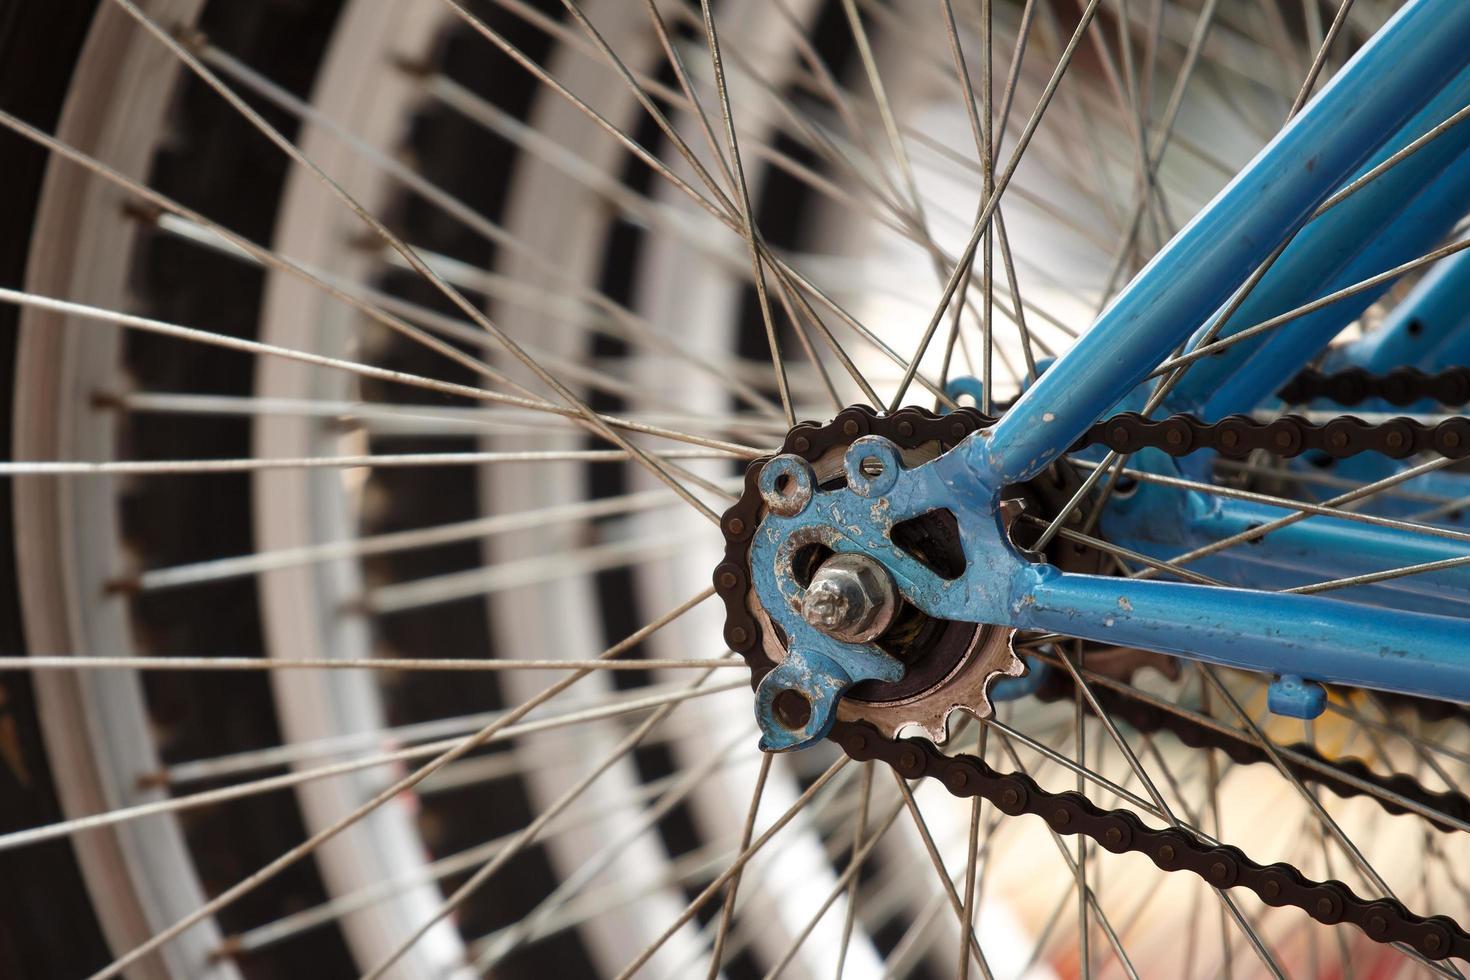 radios de rueda de bicicleta foto